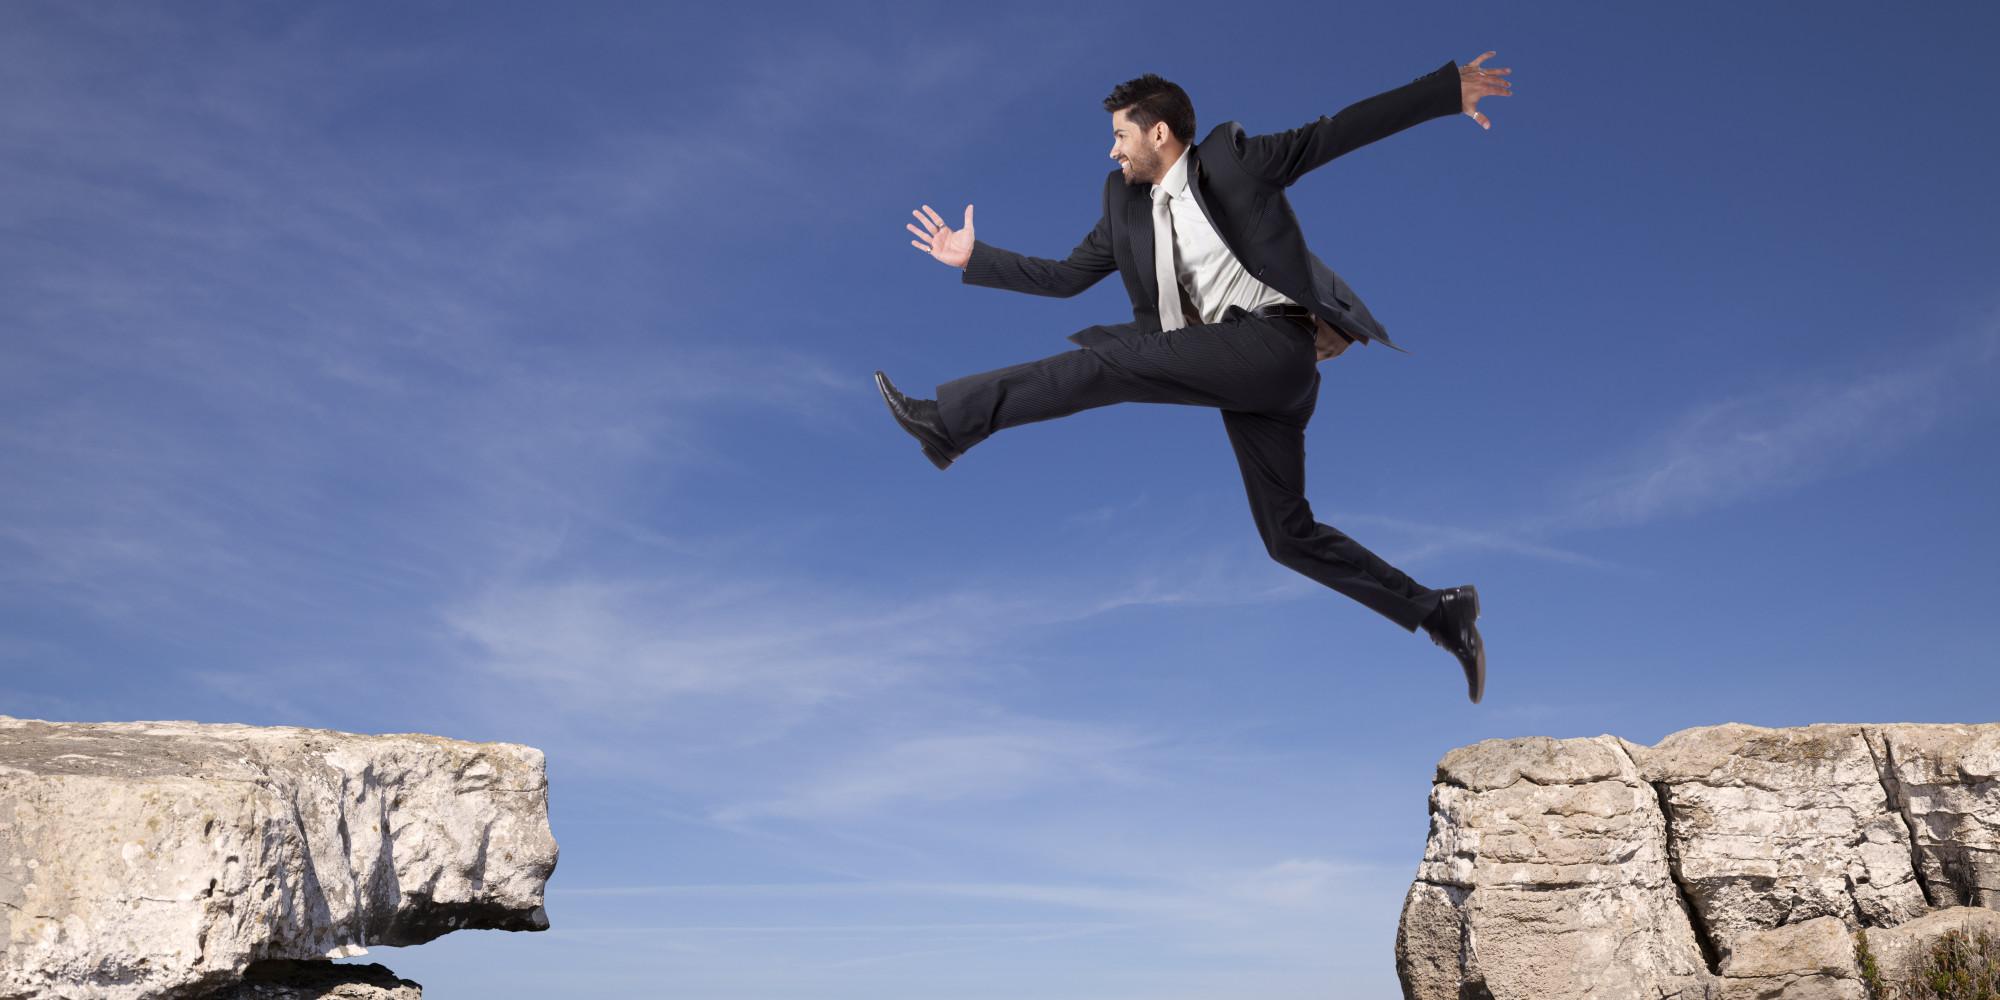 Πως απαντούν οι επιχειρηματίες στον ασφυκτικό κλοιό των φόρων